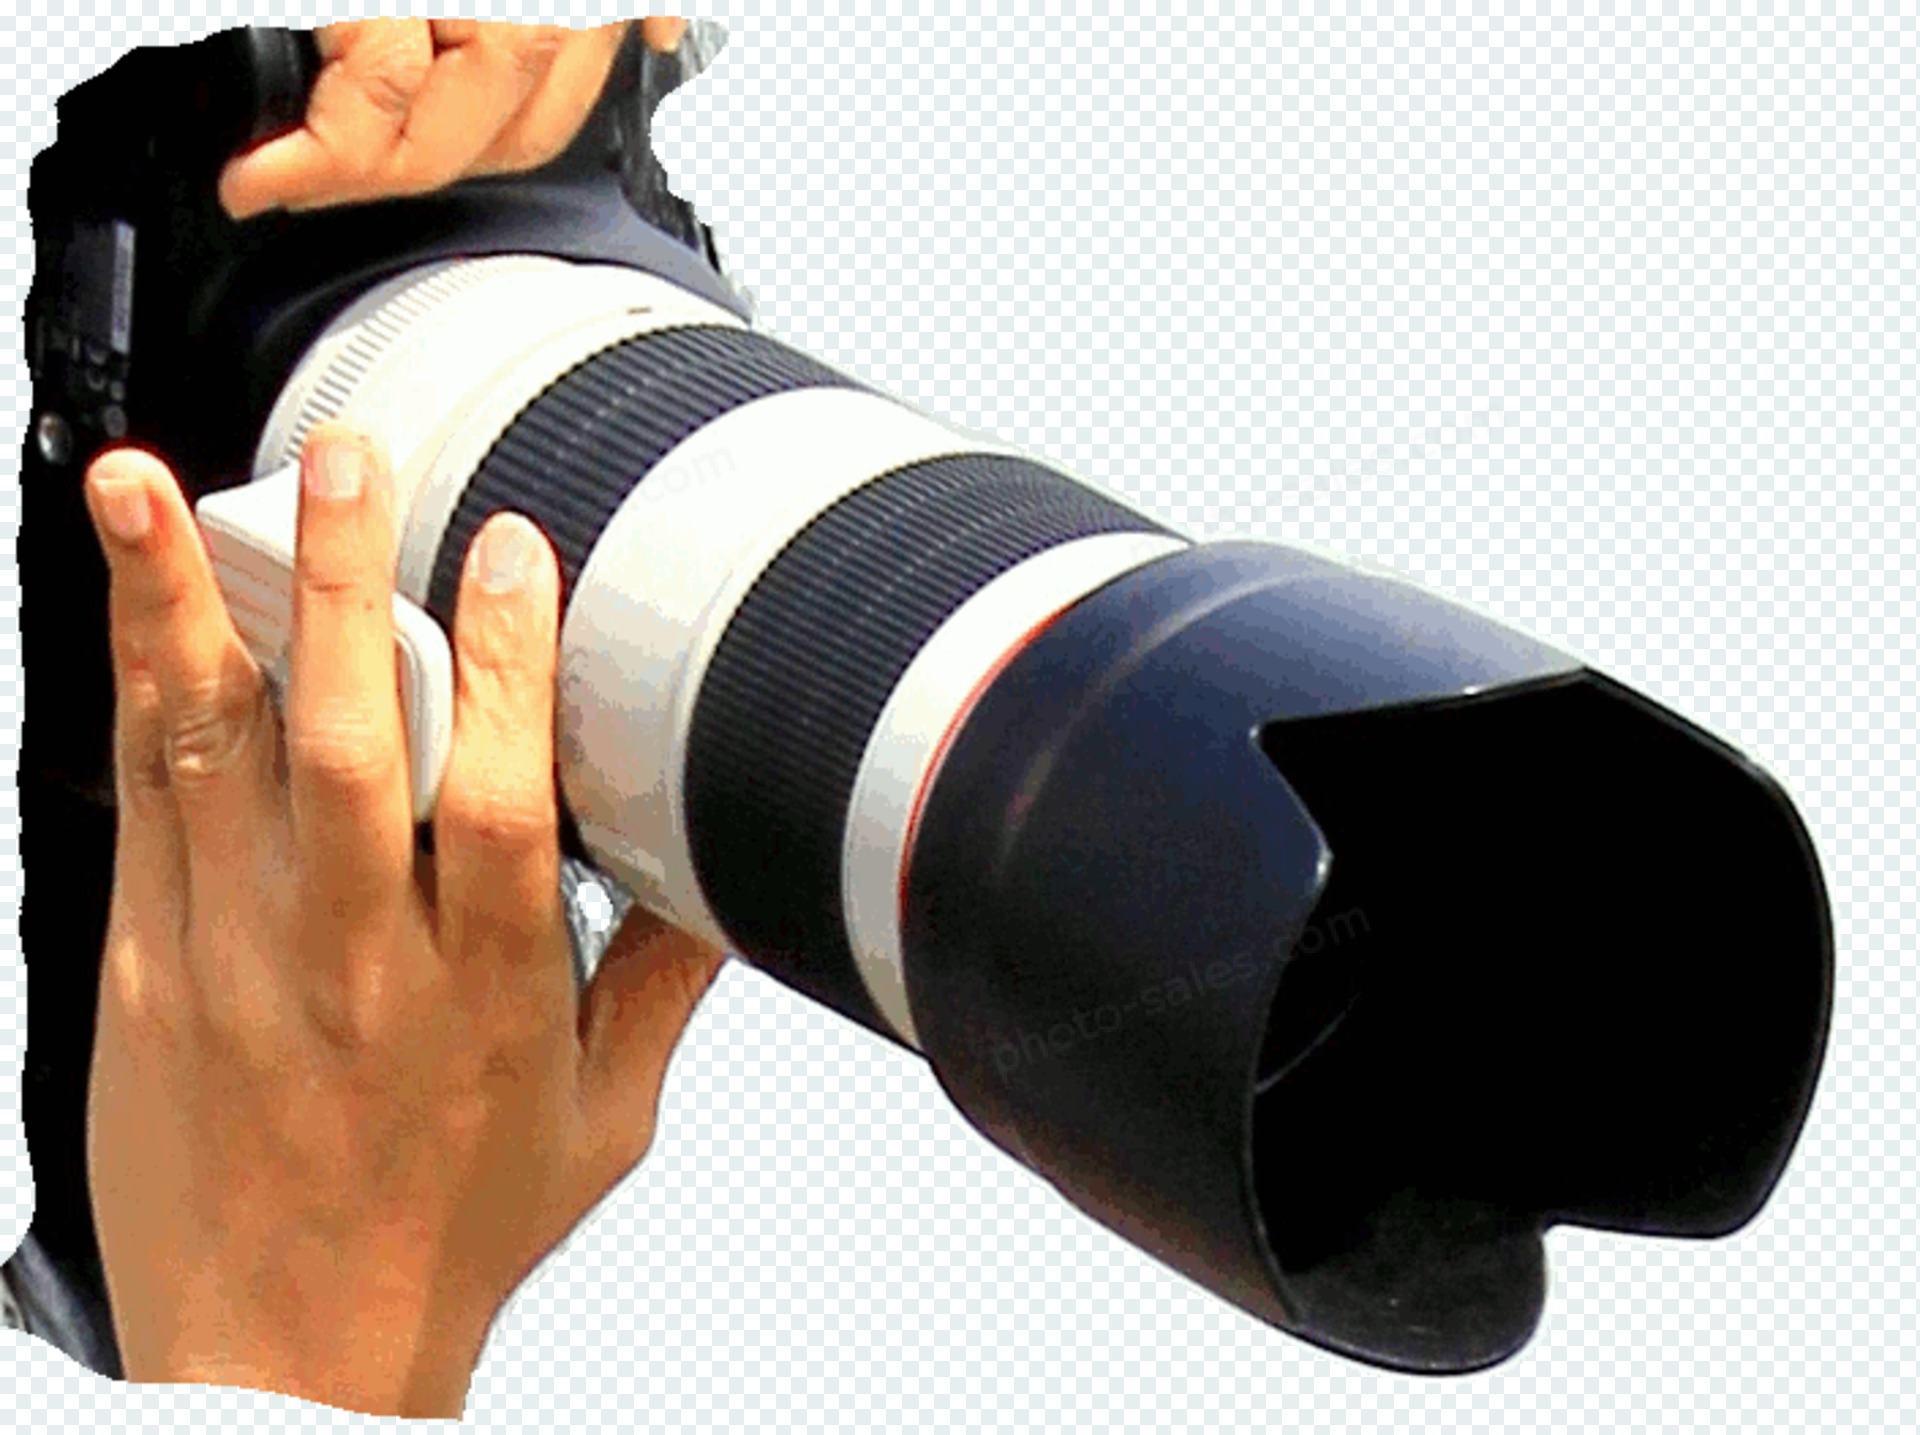 Kaamera suur objektiiv käed, läbipaistvus – GIF